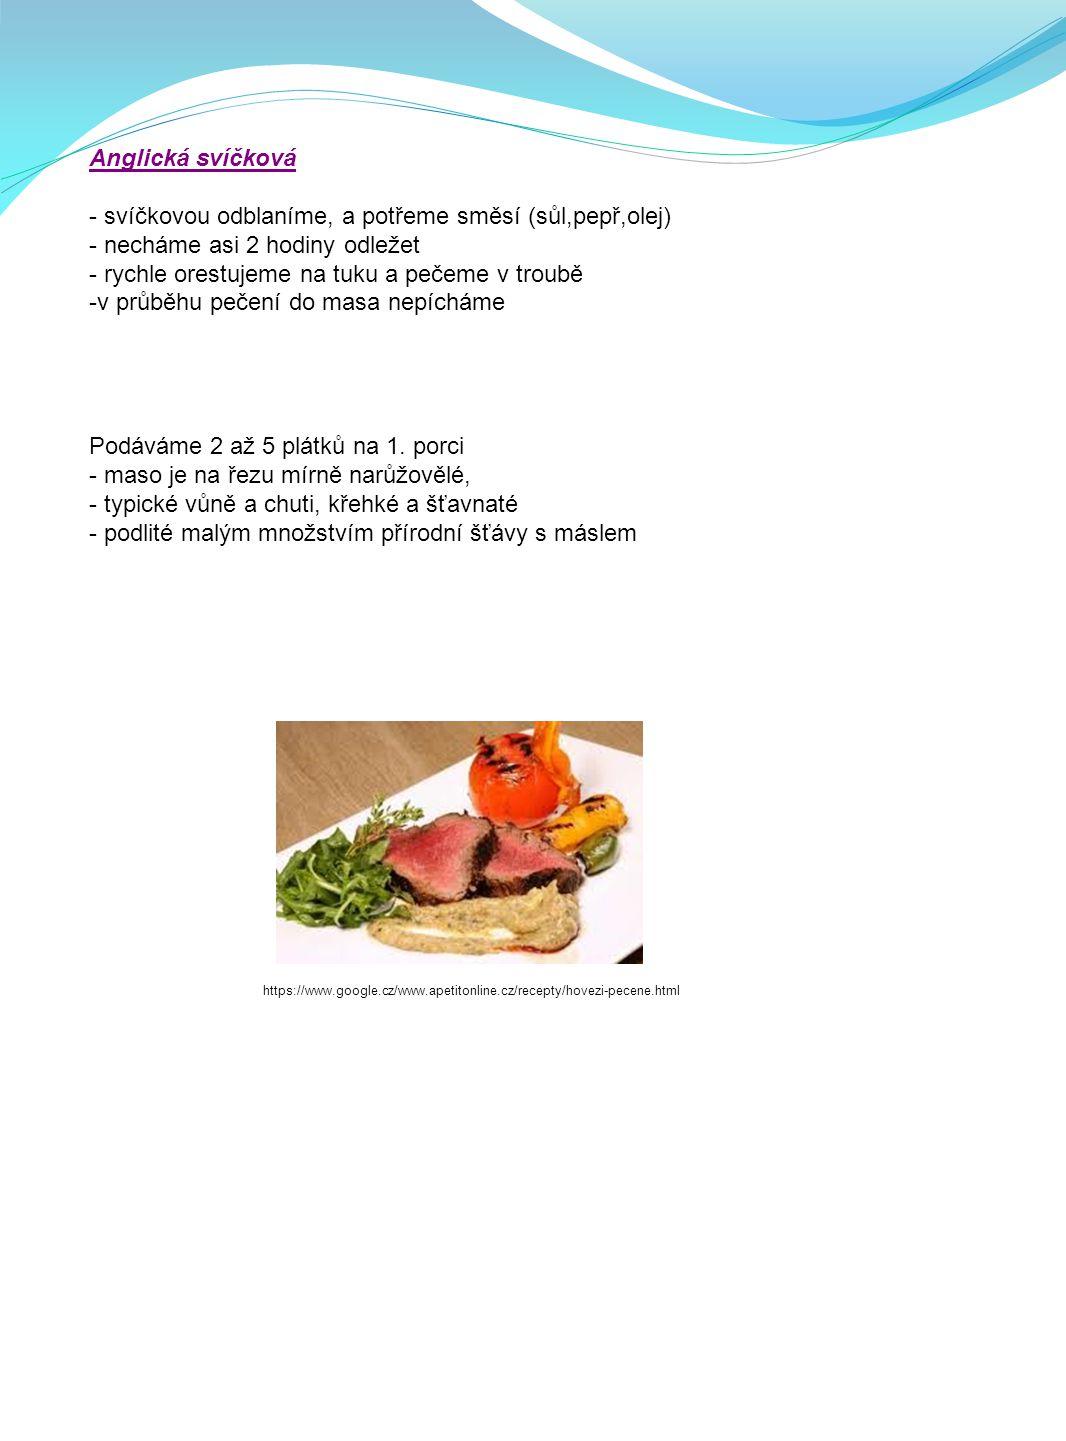 PEČENÍ HOVĚZÍHO MASA NA ANGLICKÝ ZPŮSOB Definice: - pečení na anglický způsob = pečení masa v celku v troubě Používáme: - hovězí svíčkovou - nízký roš